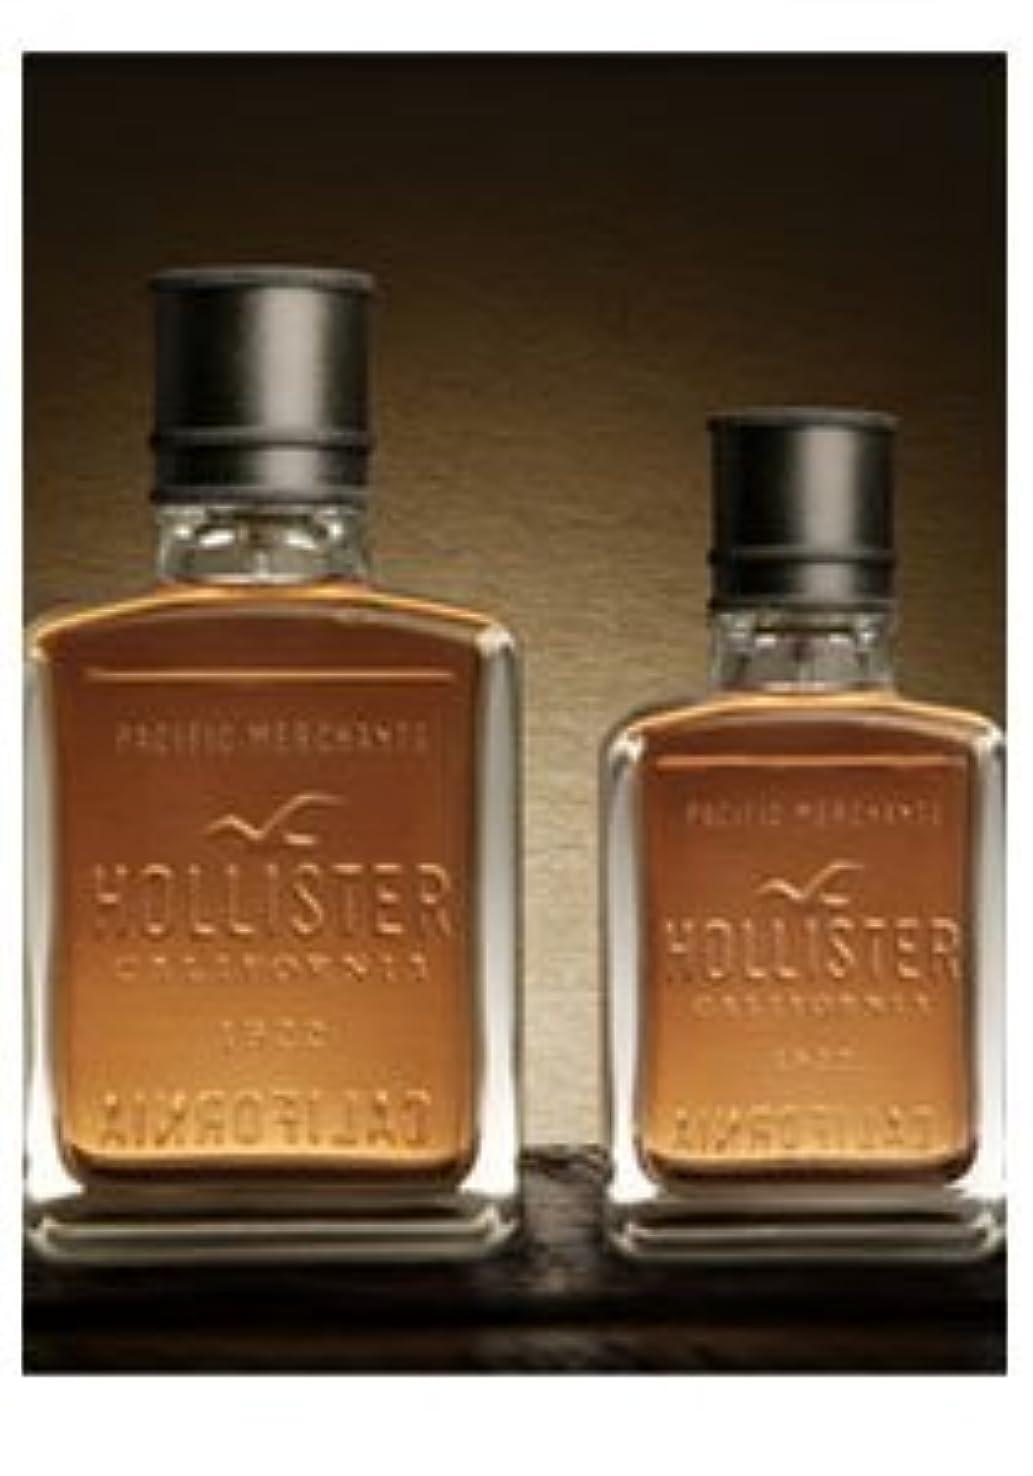 信頼性賢明な解釈的Hollister California (ホリスター カリフォルニア) 1.7 oz (50ml) COL Spray for Men